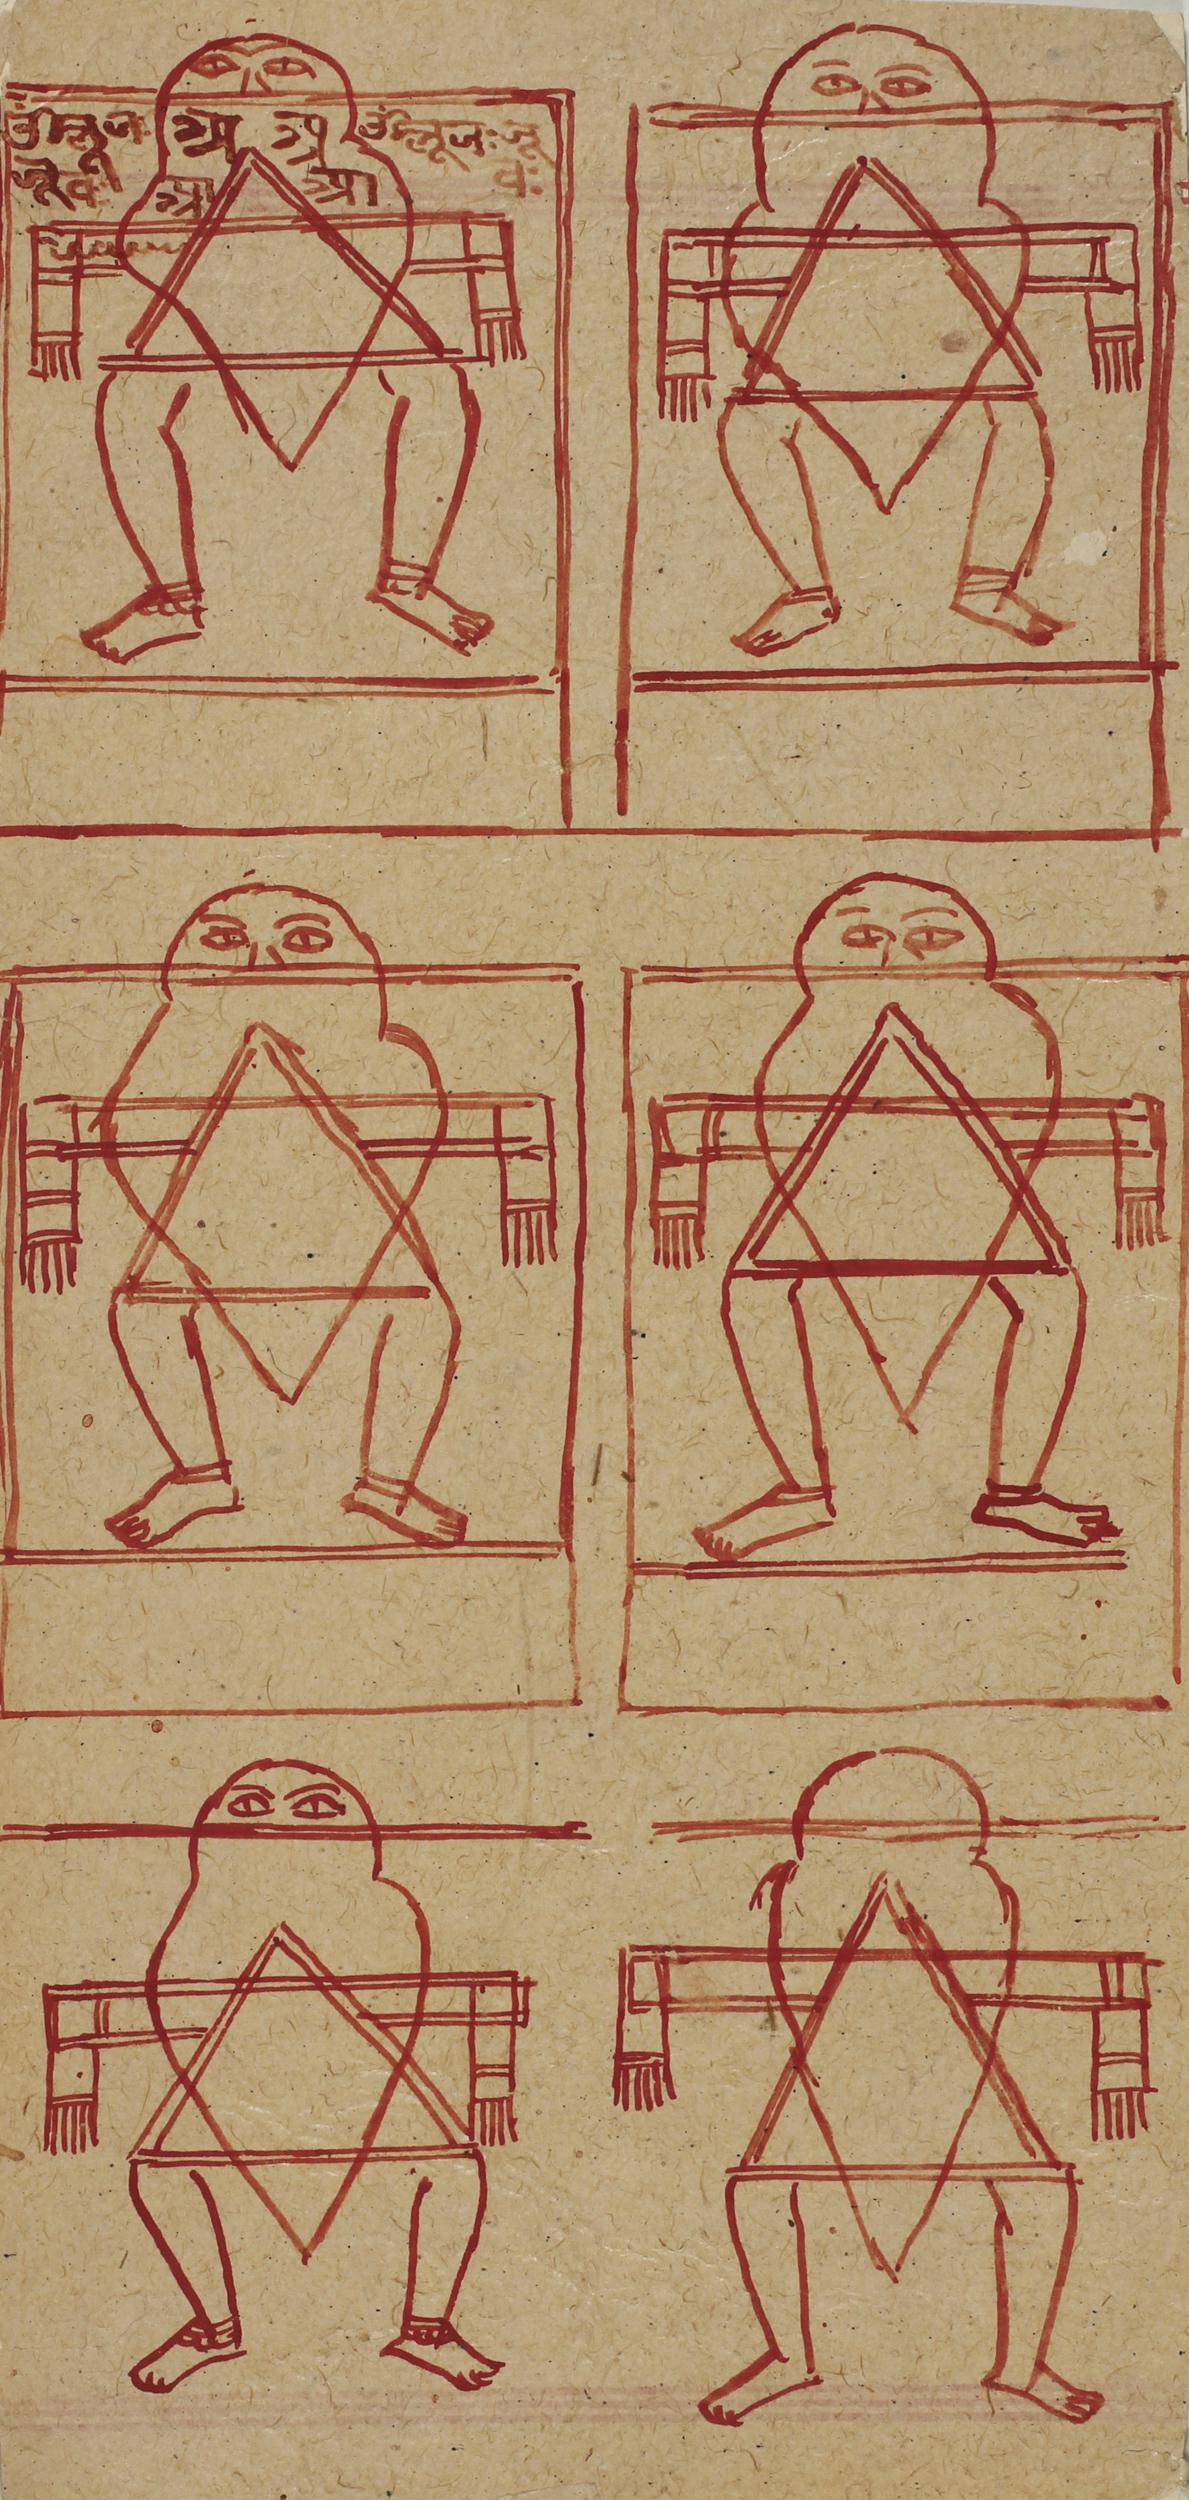 anonym - Merging of Shiva and Shakti